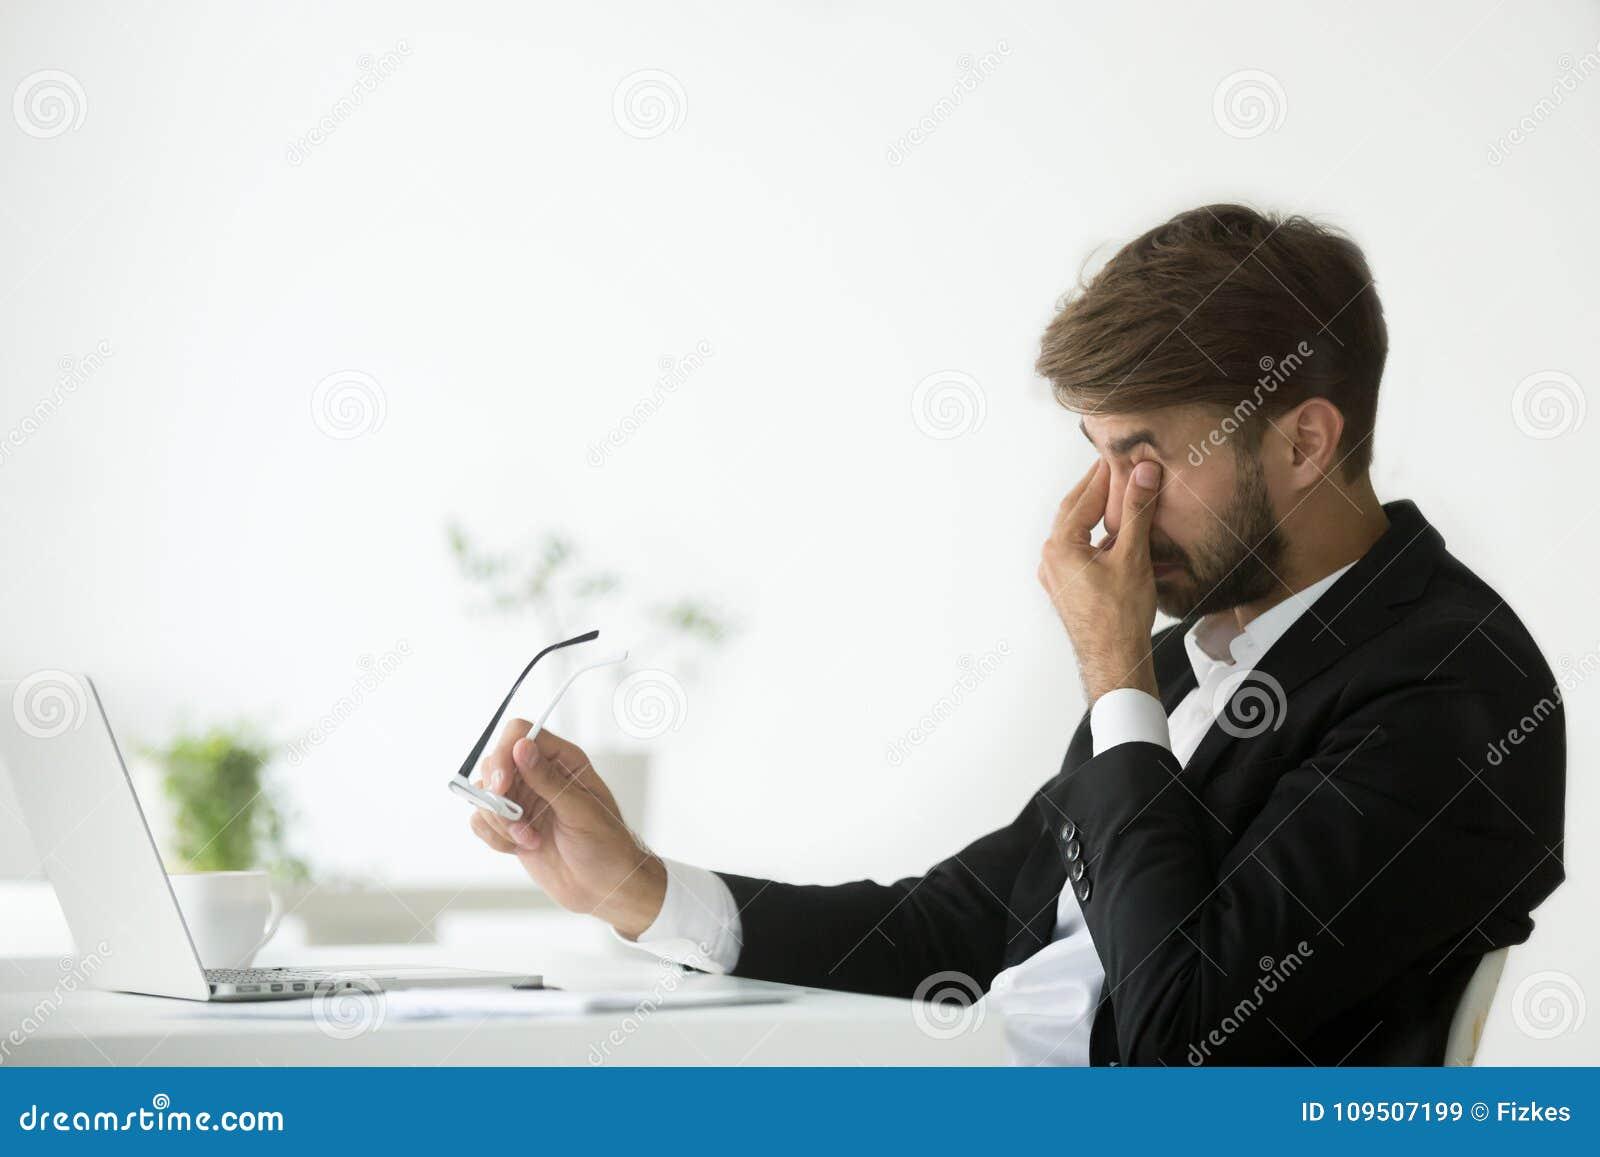 Ögon tröttar ut på arbete, den trötta utmattade affärsmannen som av tar gla